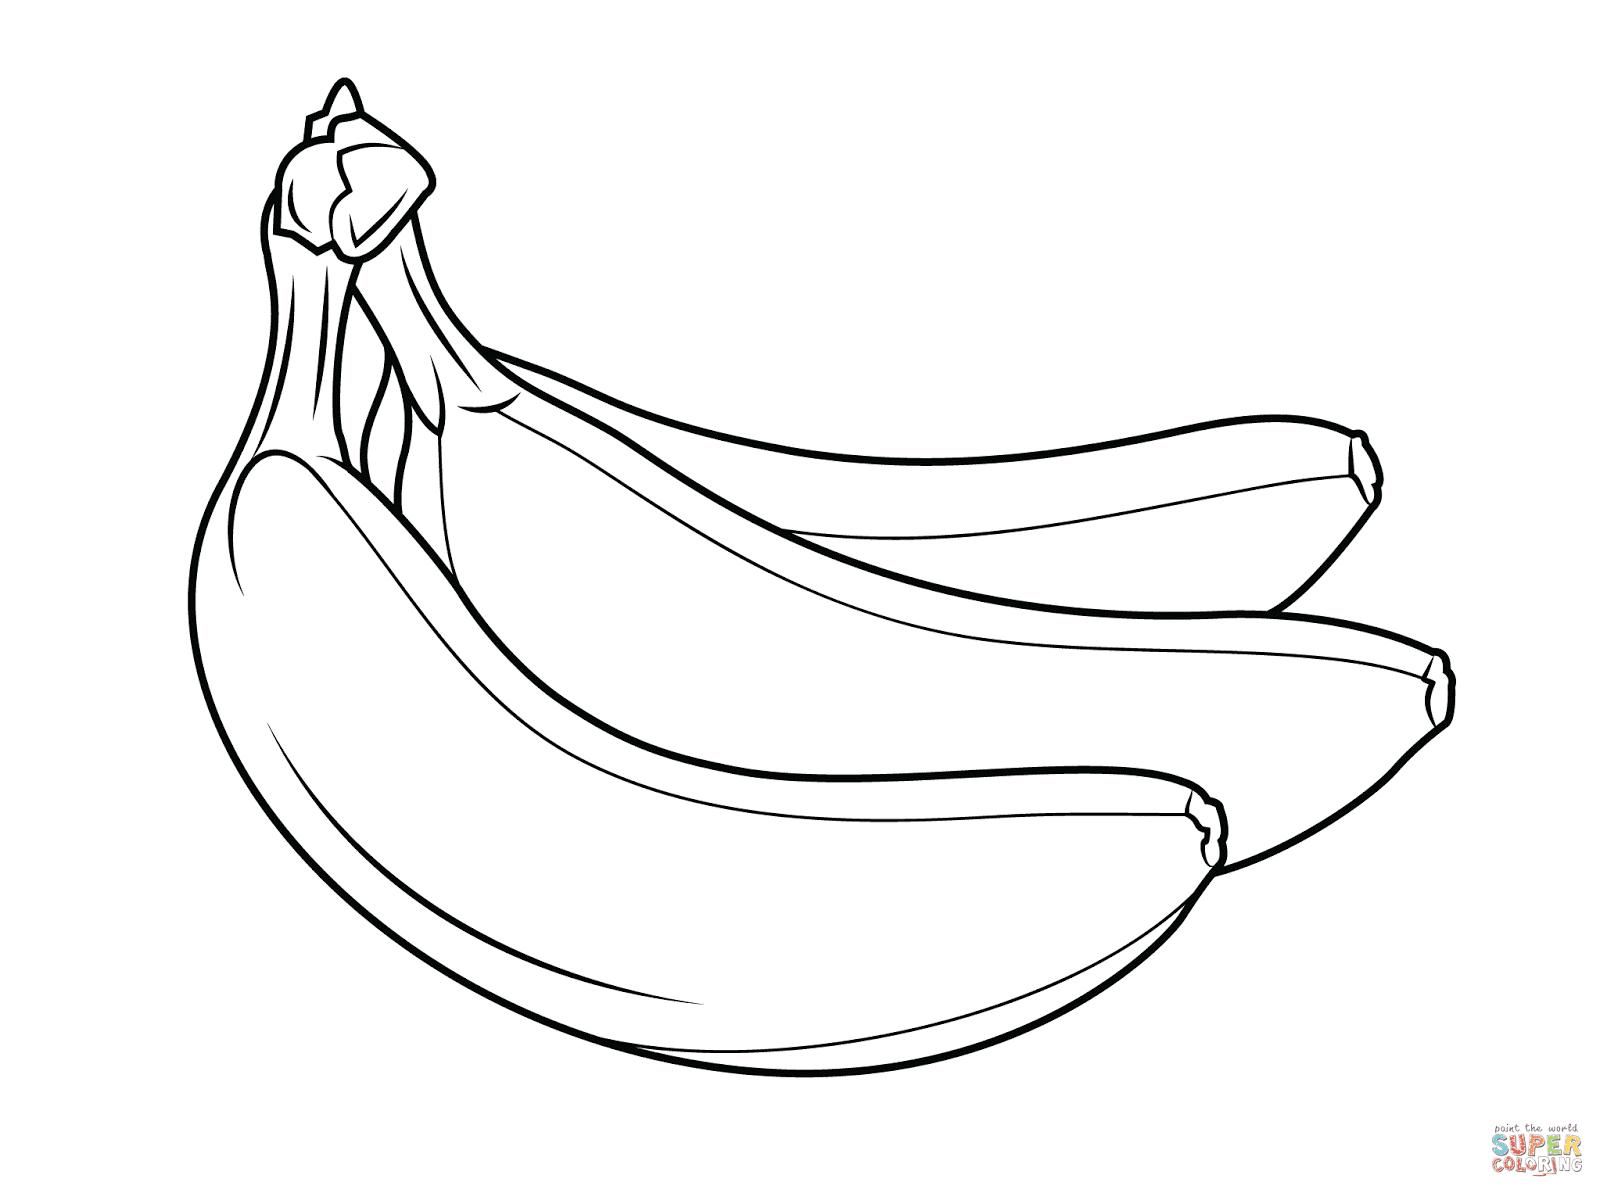 banana coloring page banana coloring page only coloring pages banana coloring page